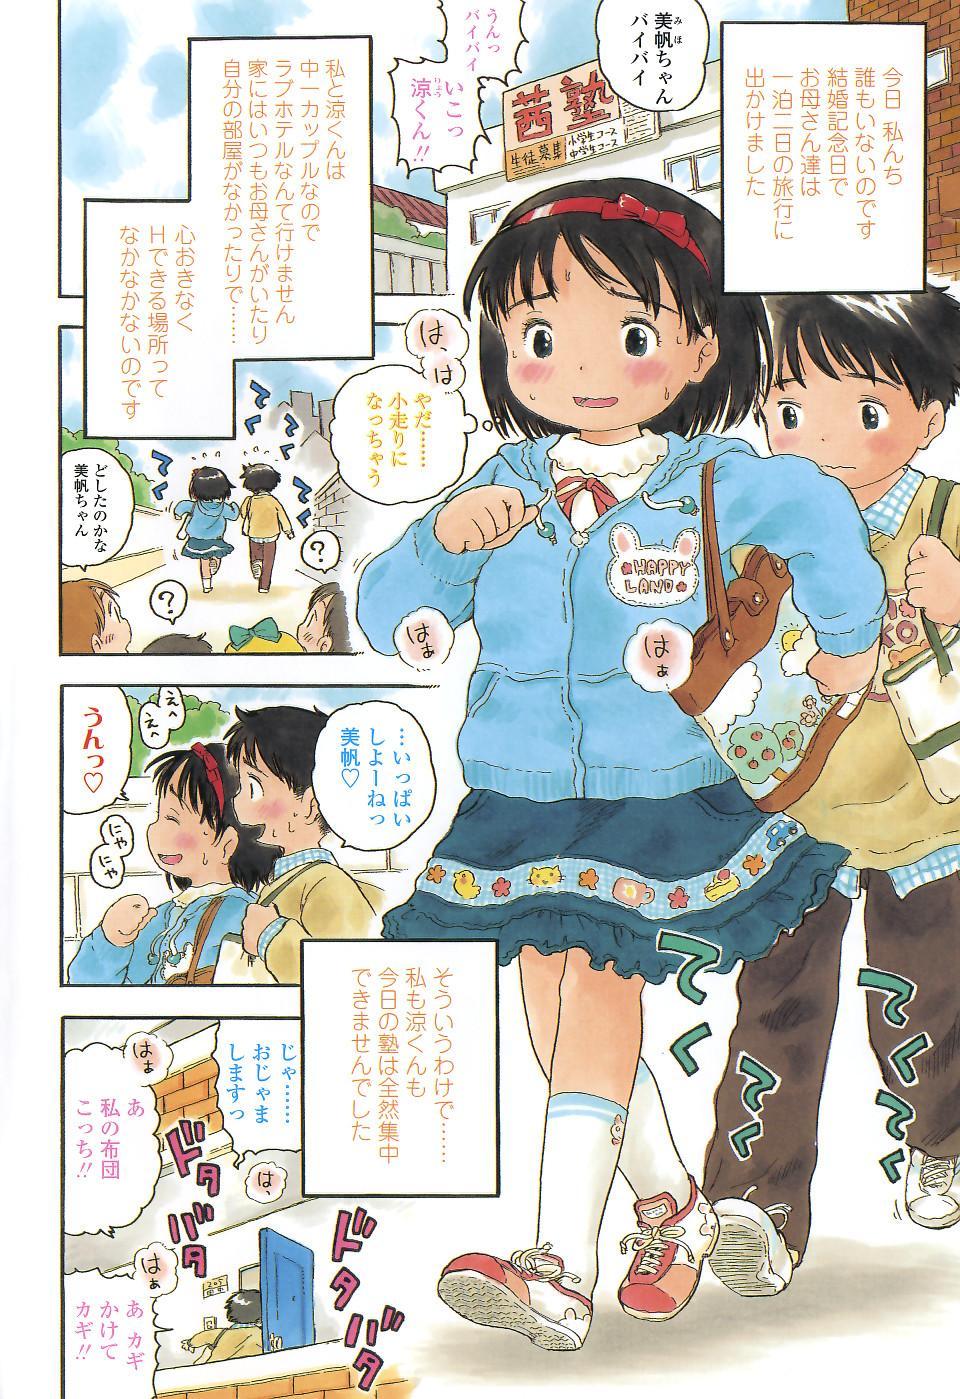 Koisuru Fukurami 7